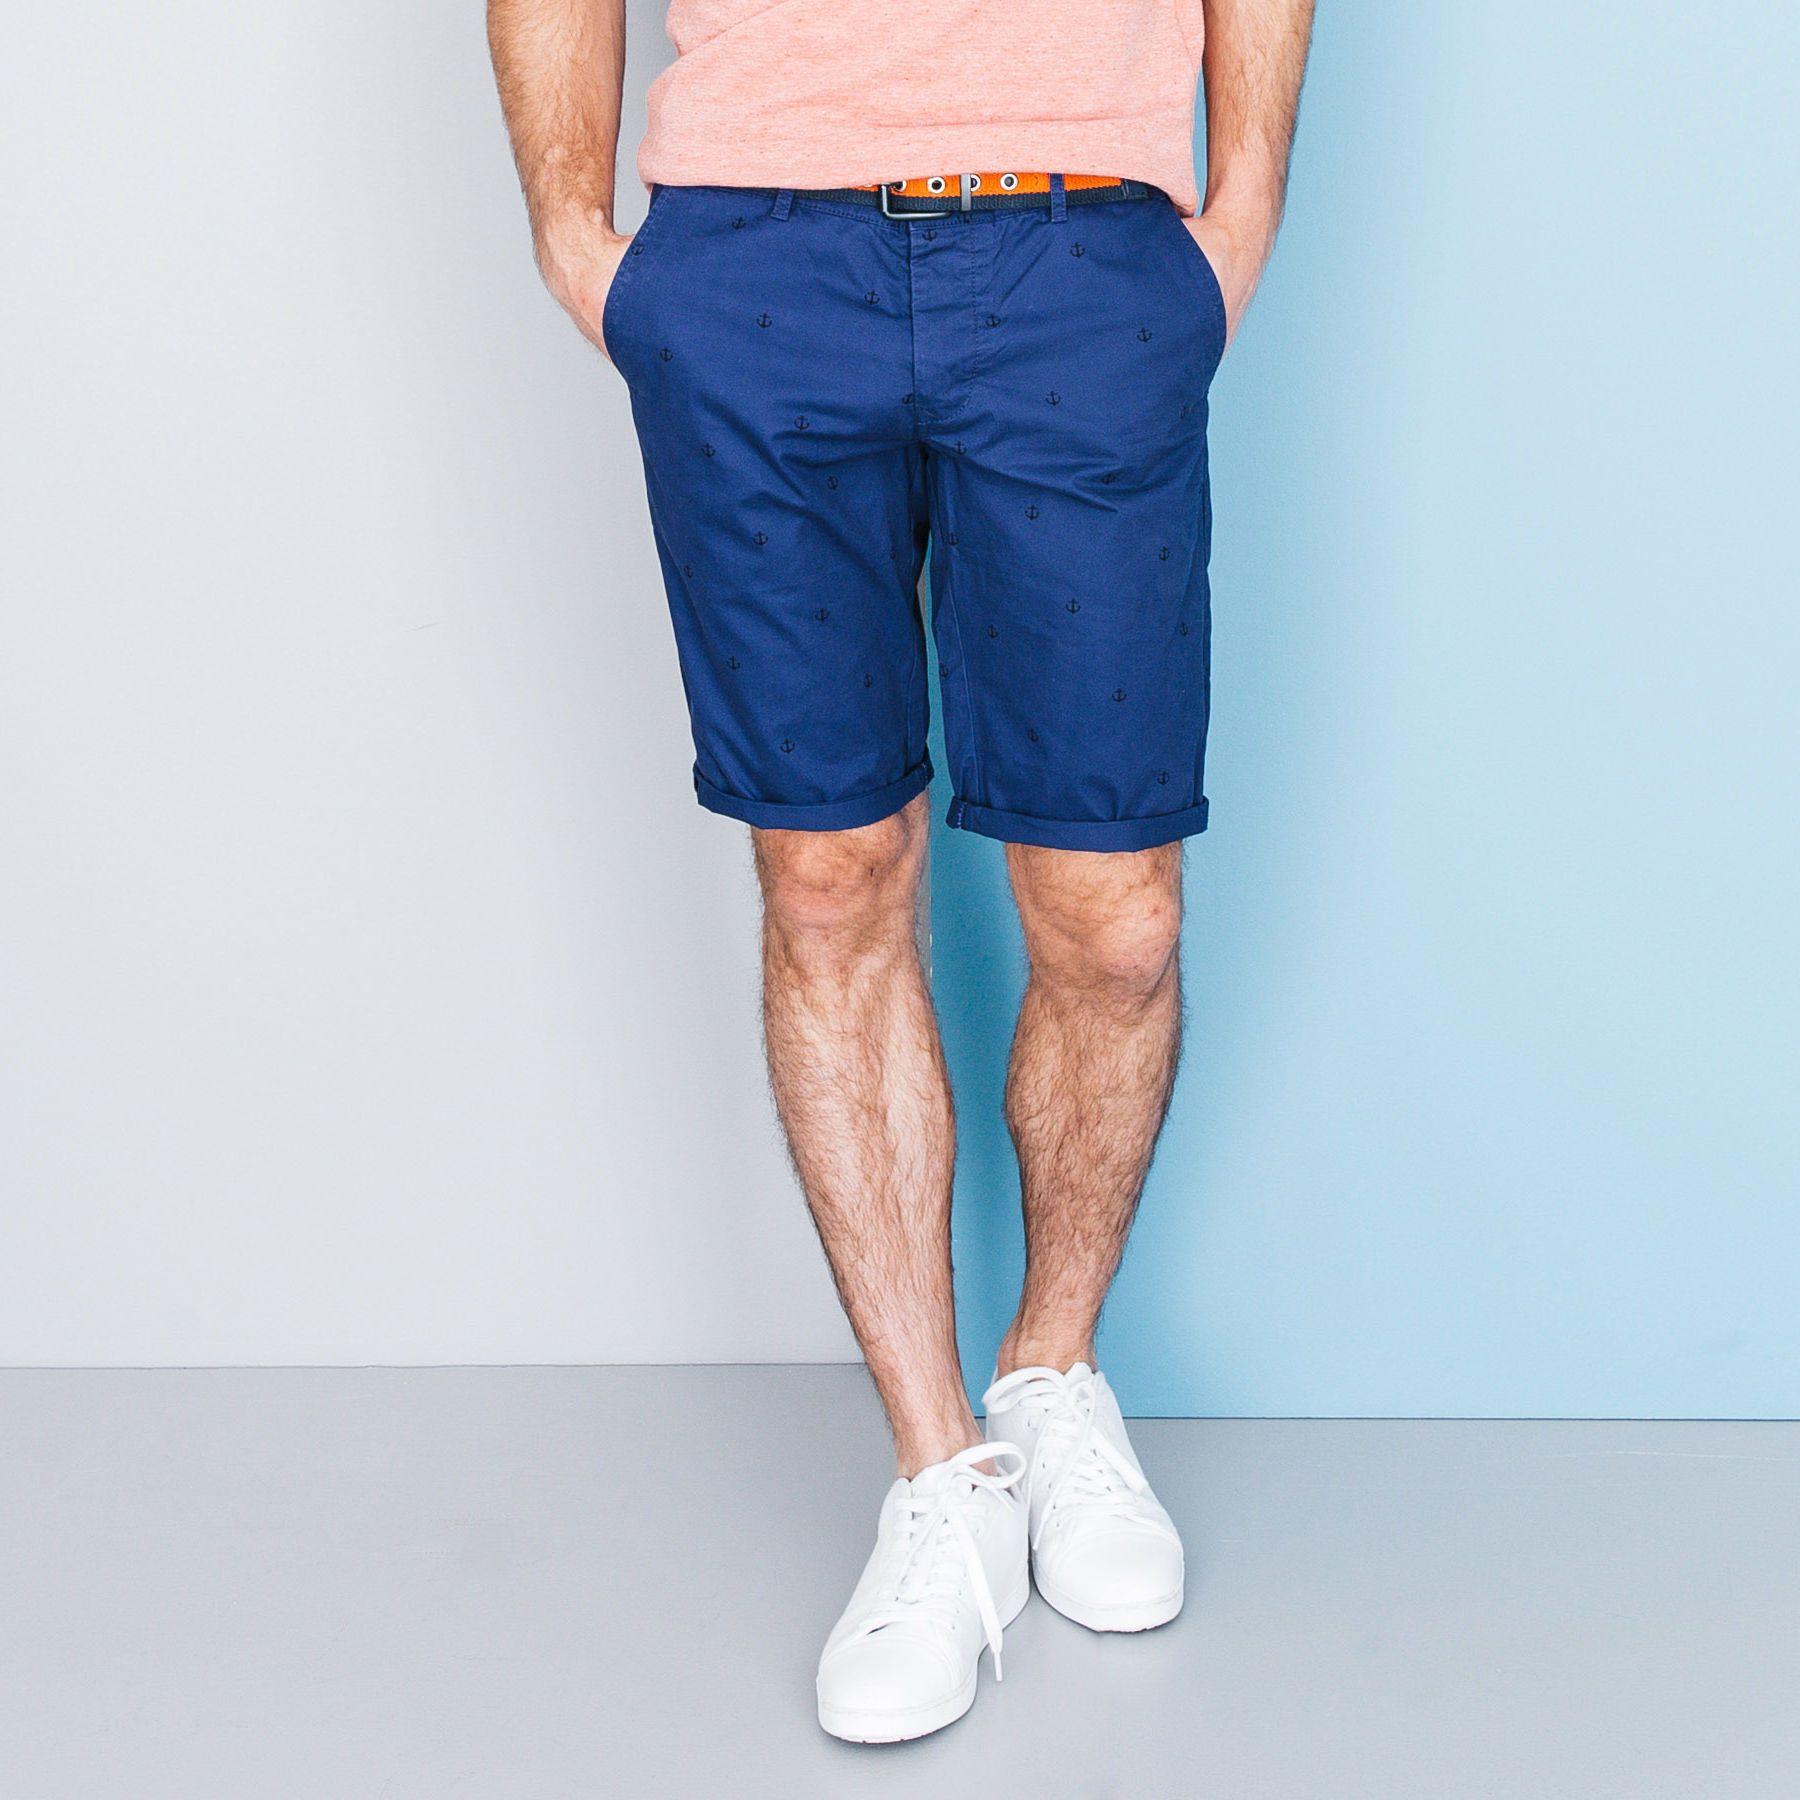 Bermuda Chino - Vêtement Homme - Bleu | Vê